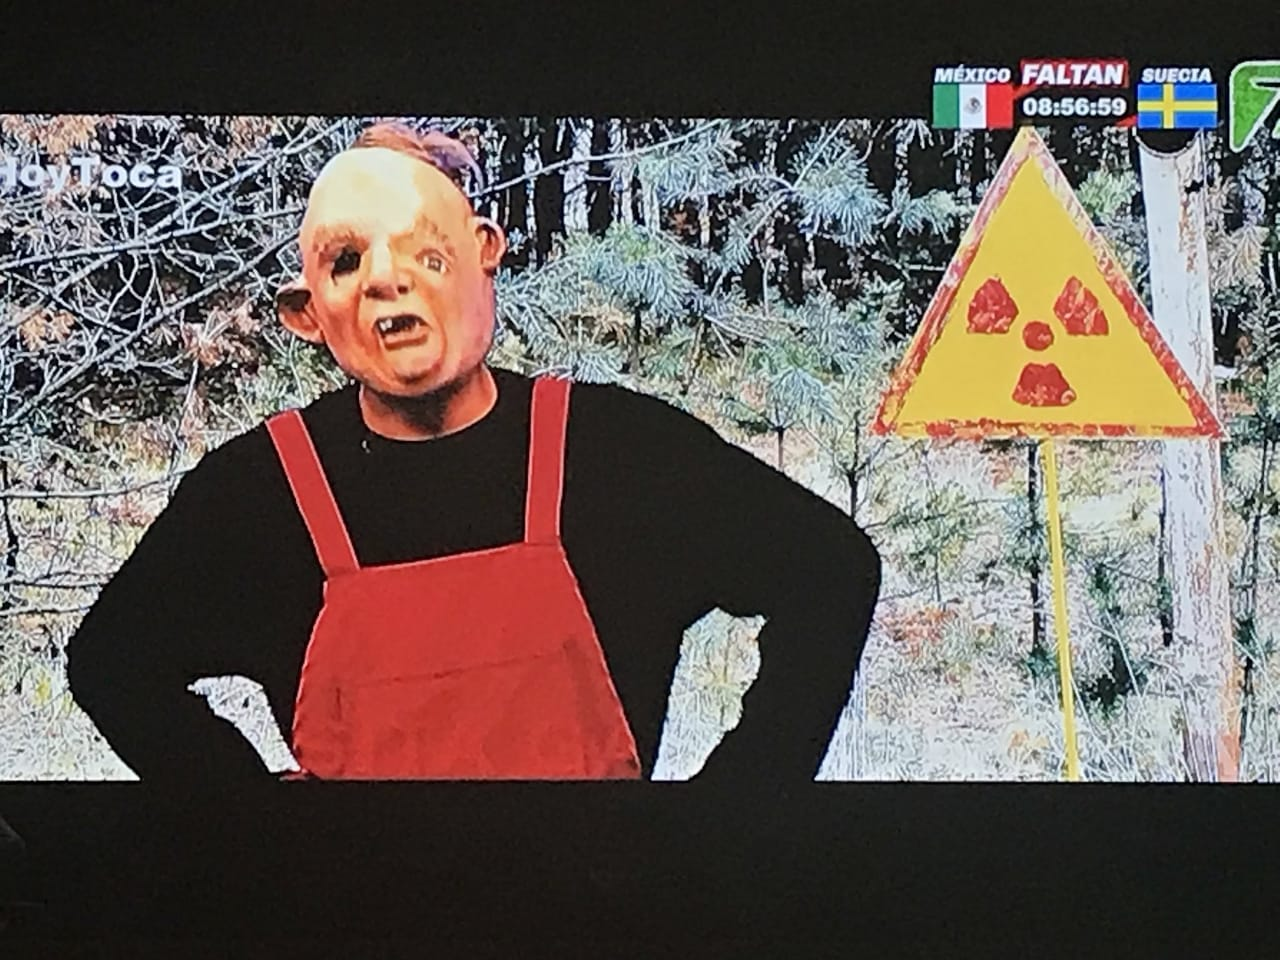 Las redes explotan contra sketch de Tv Azteca sobre Chernobyl